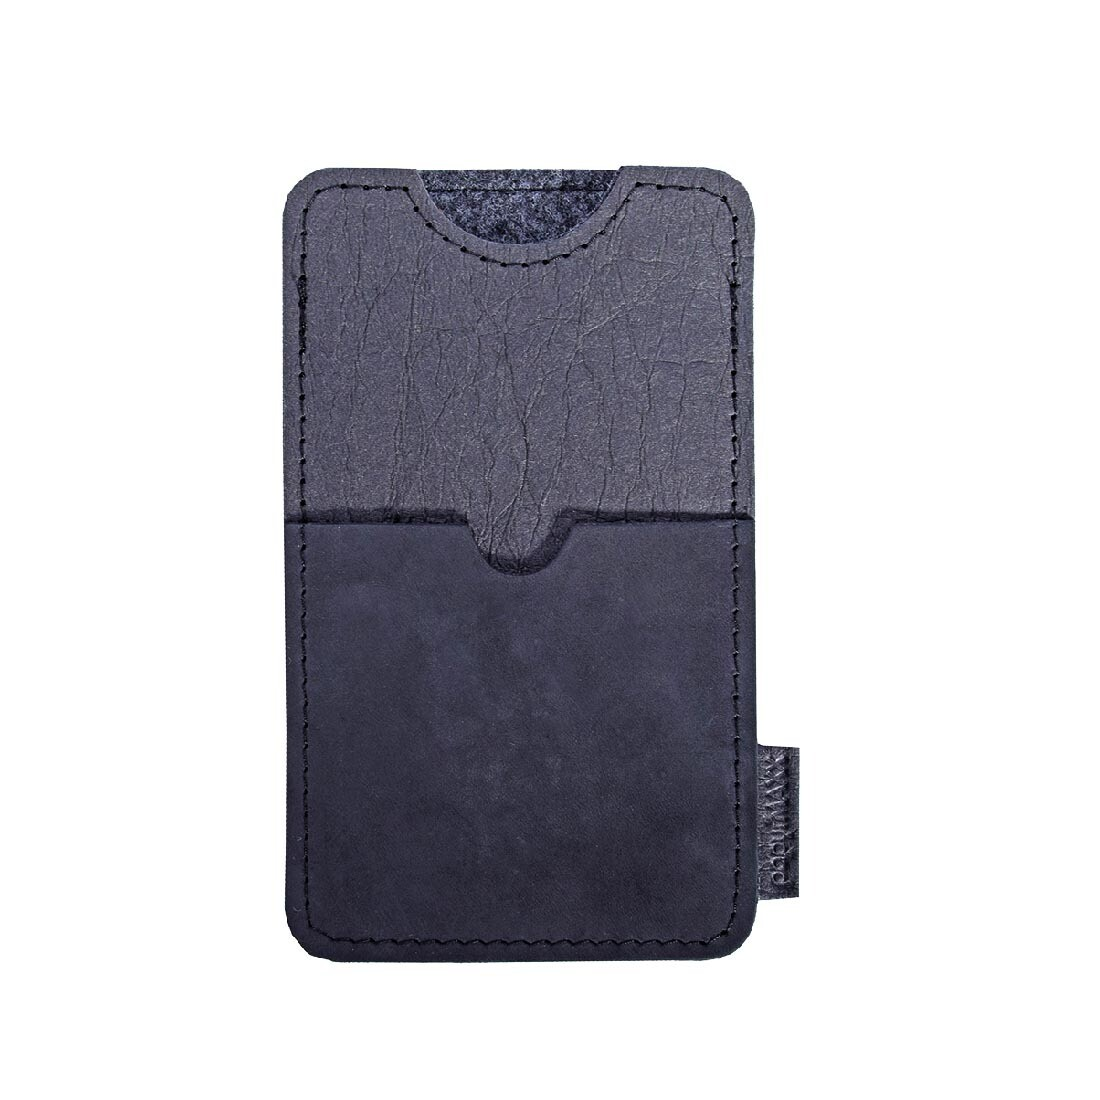 Smartphone-Tasche Marcel